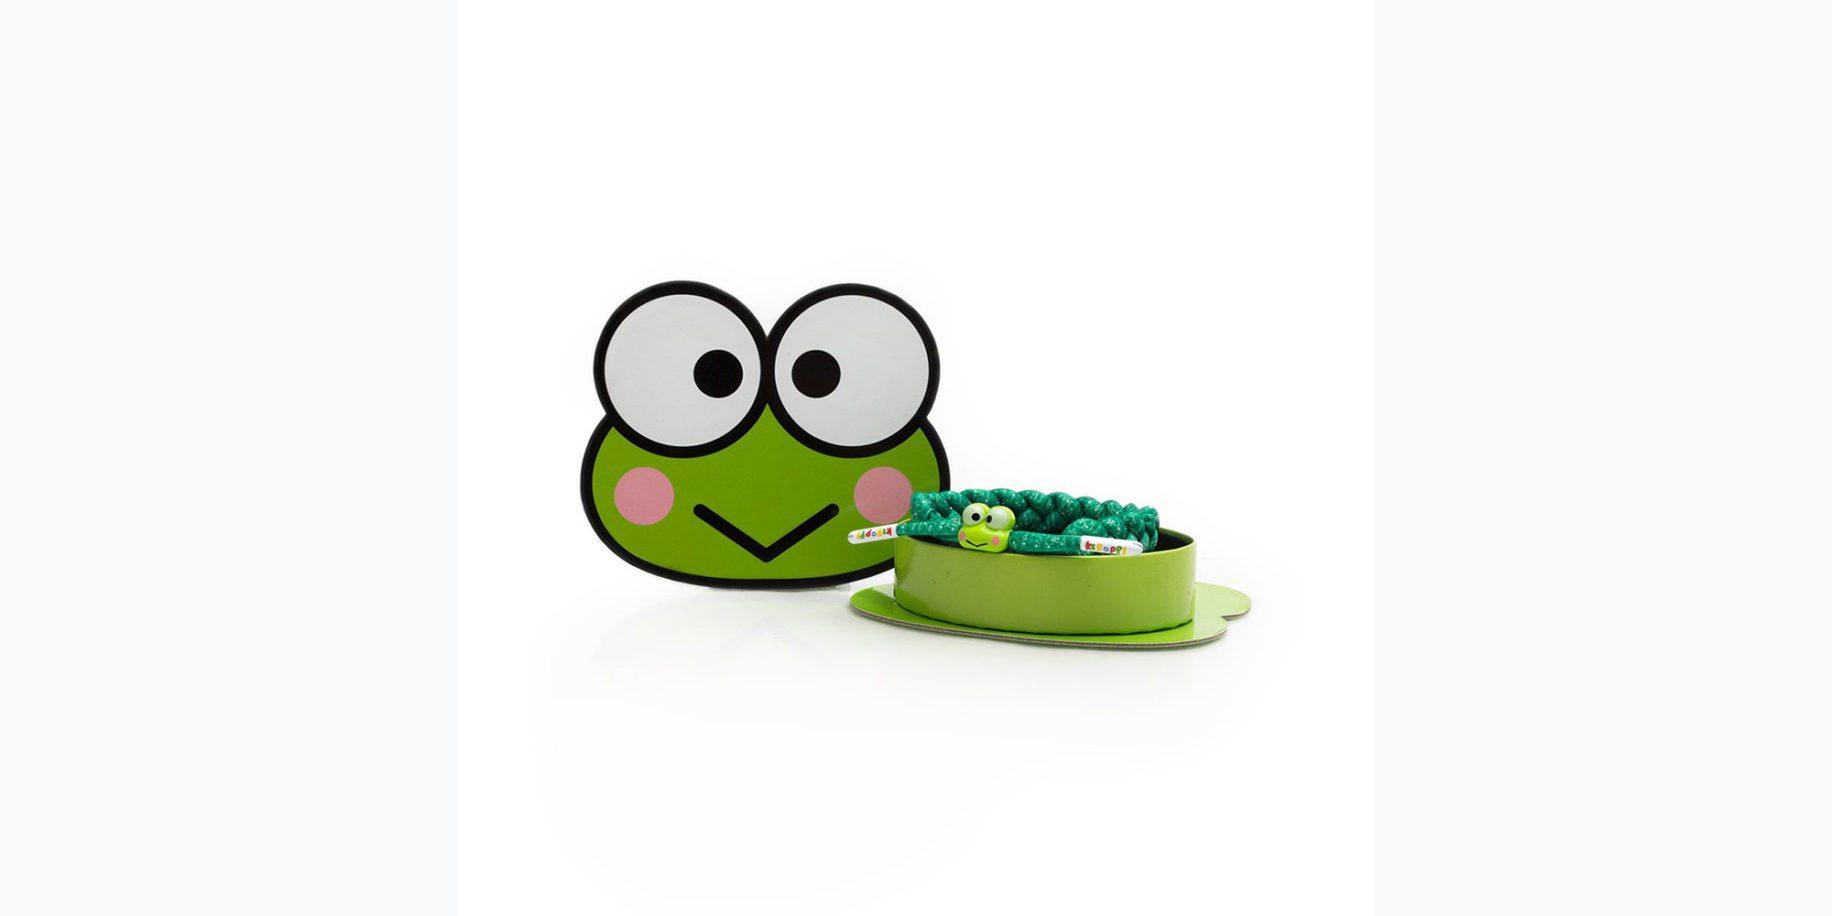 Keroppi Bracelet Image: Rastaclat